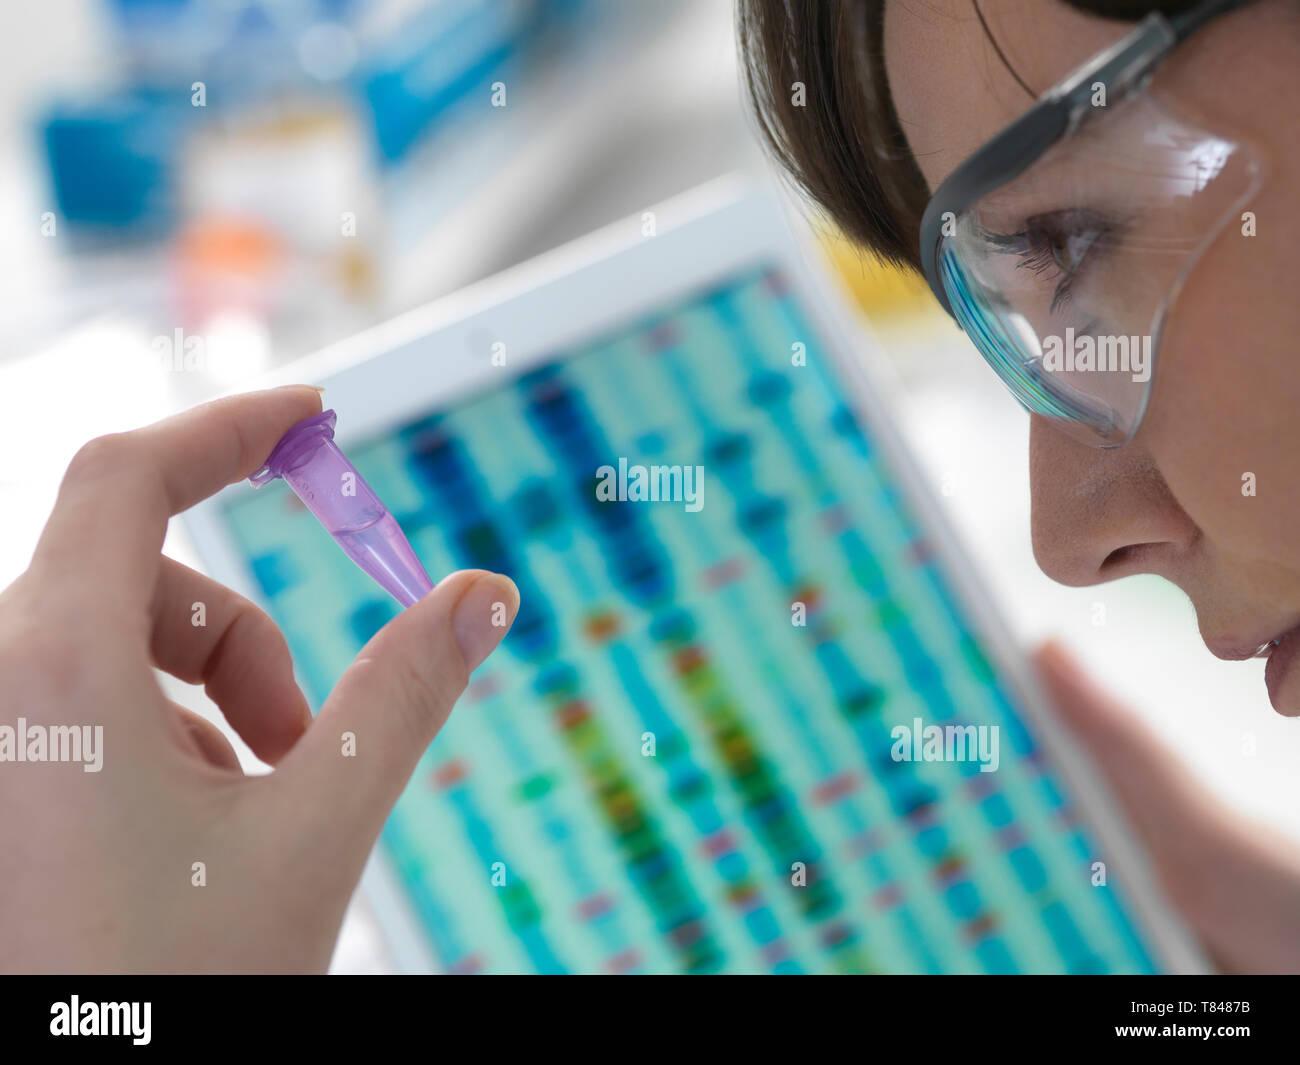 L'examen scientifique des femmes dans l'échantillon d'ADN avec tube Eppendorf résultats sur digital tablet in laboratory Banque D'Images